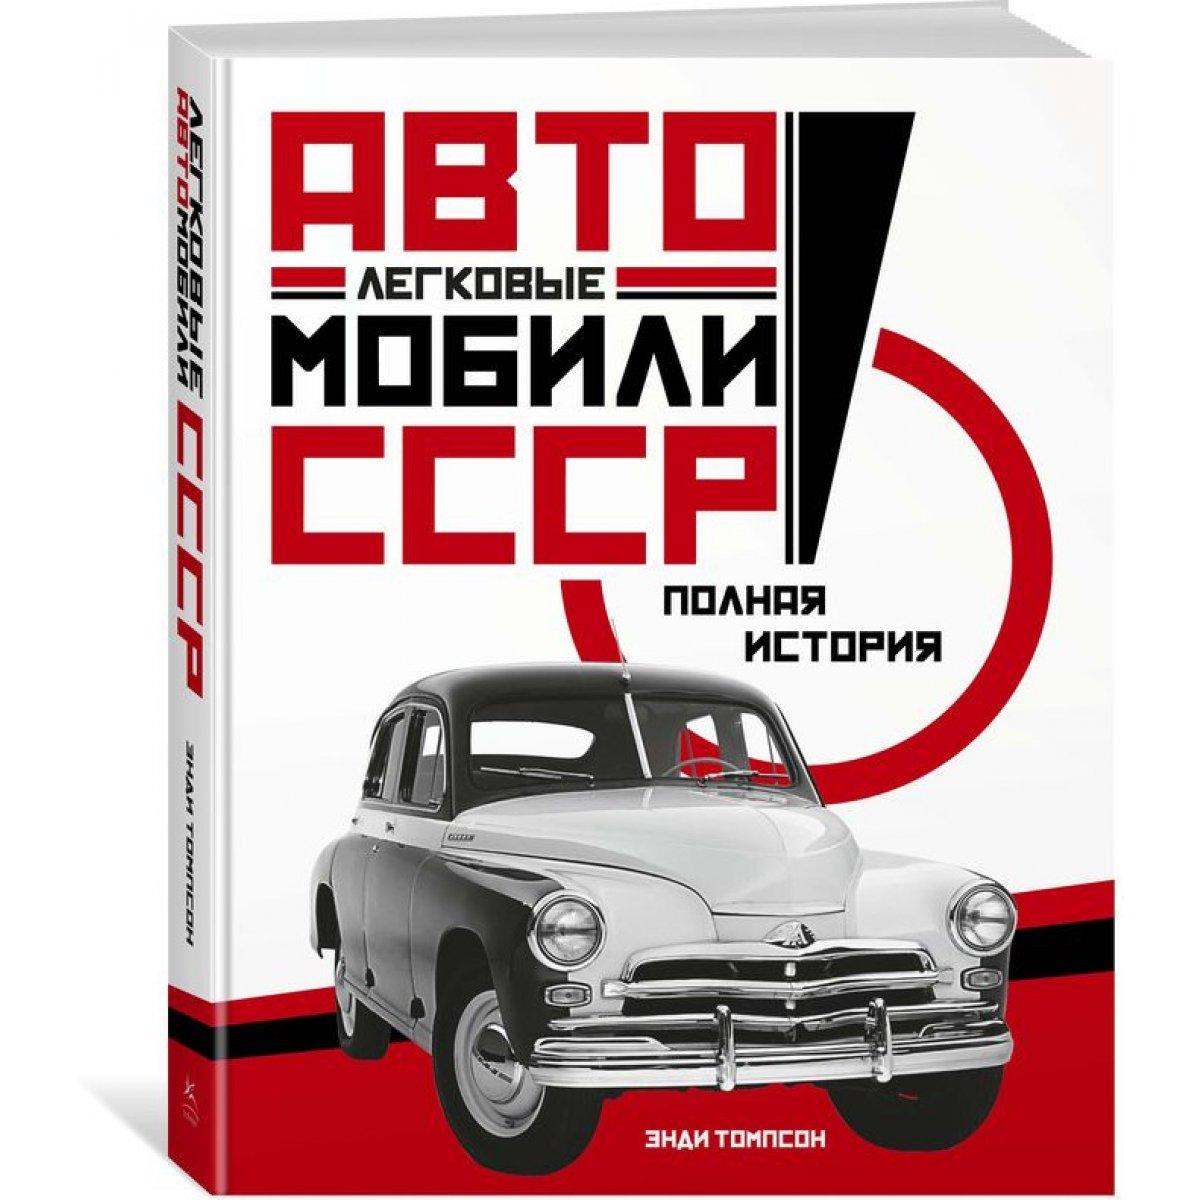 Легковые автомобили СССР. Полная история. Томпсон Э ...